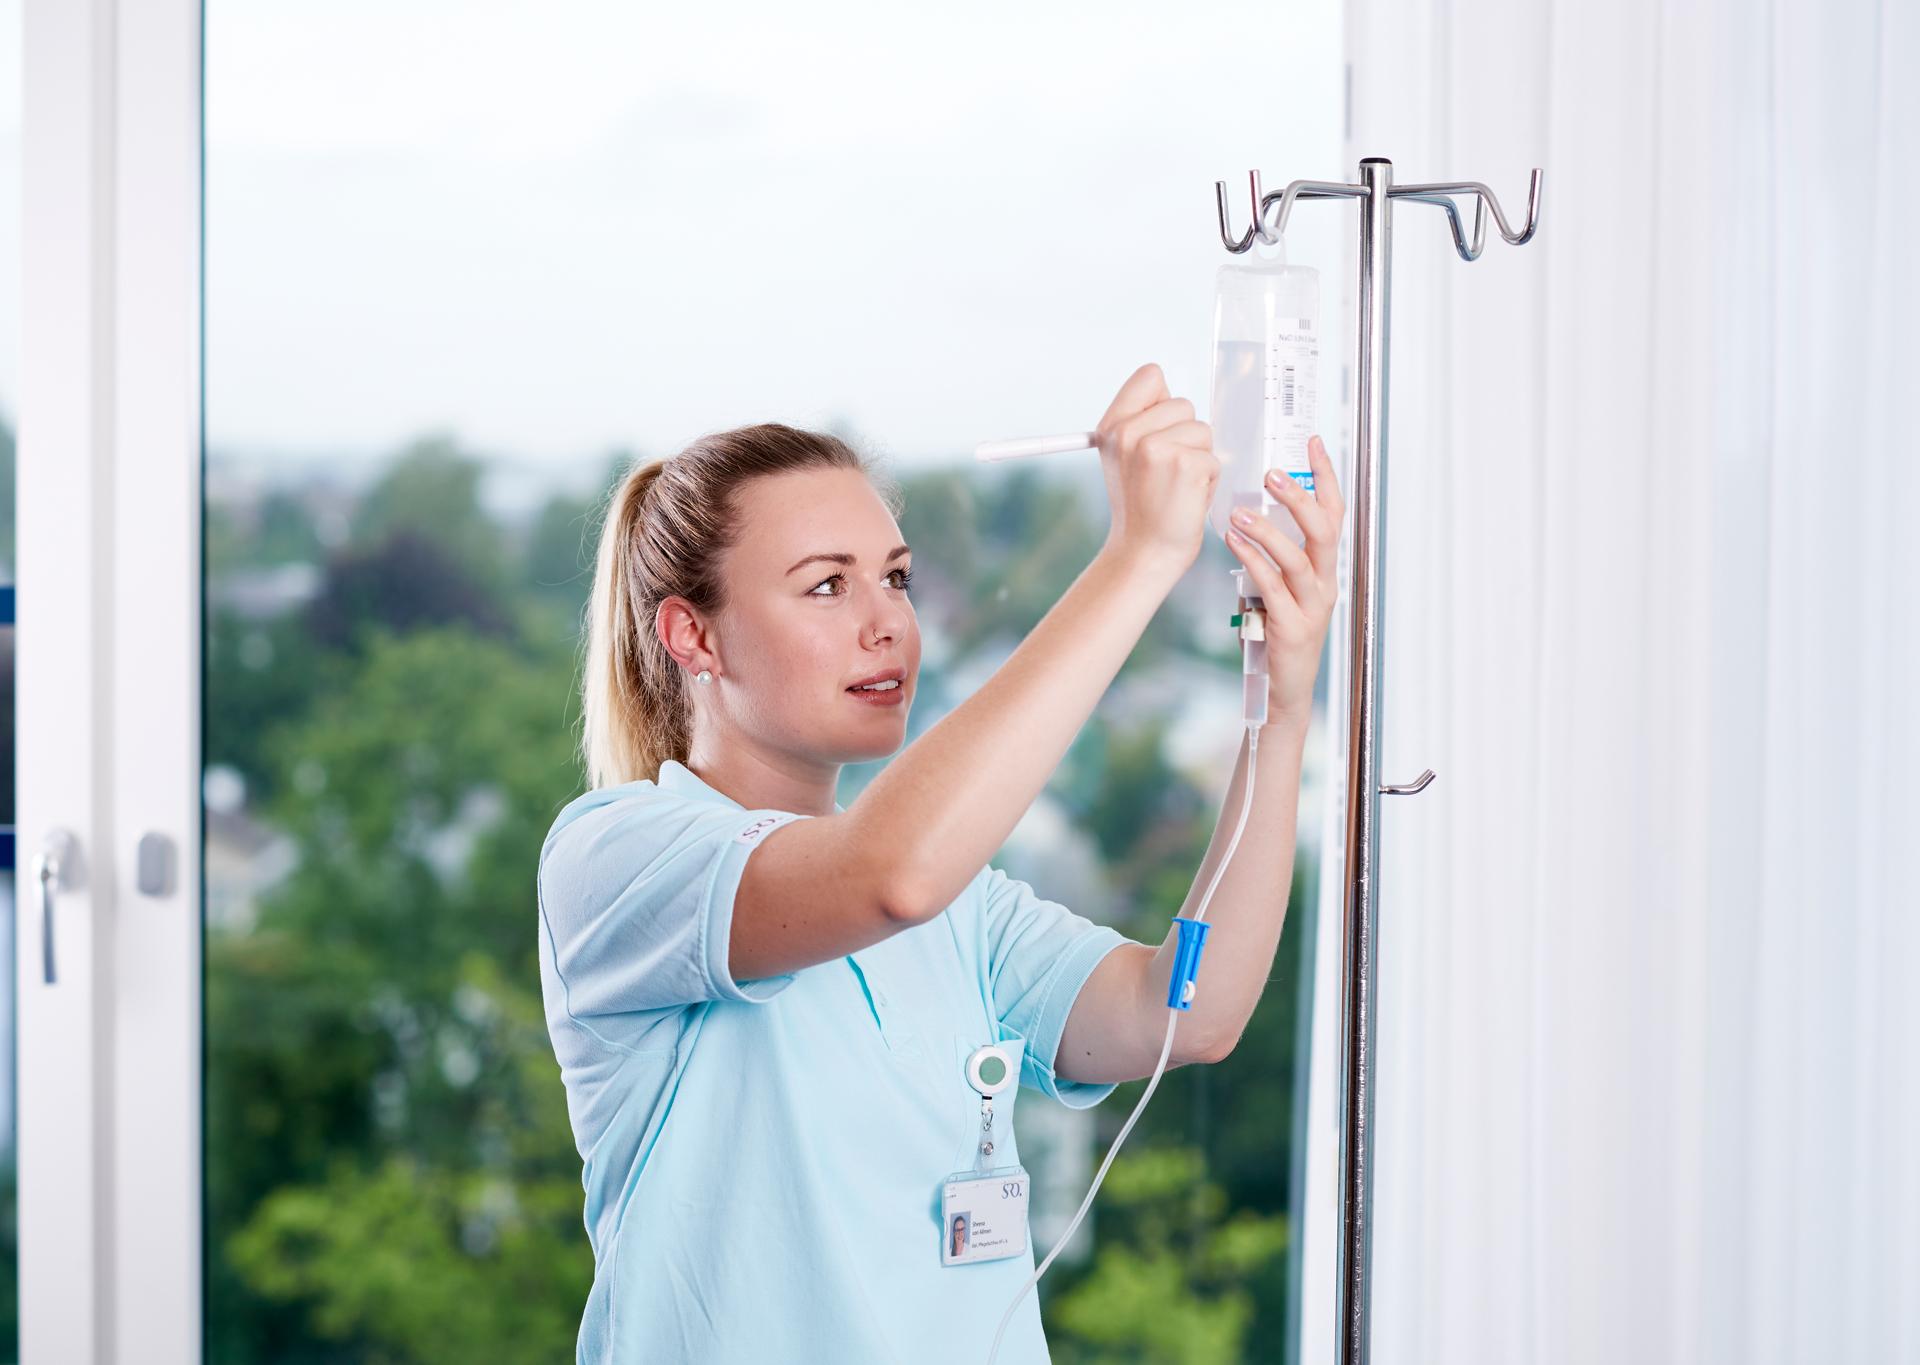 Pflegefachfrau befestigt Infusion